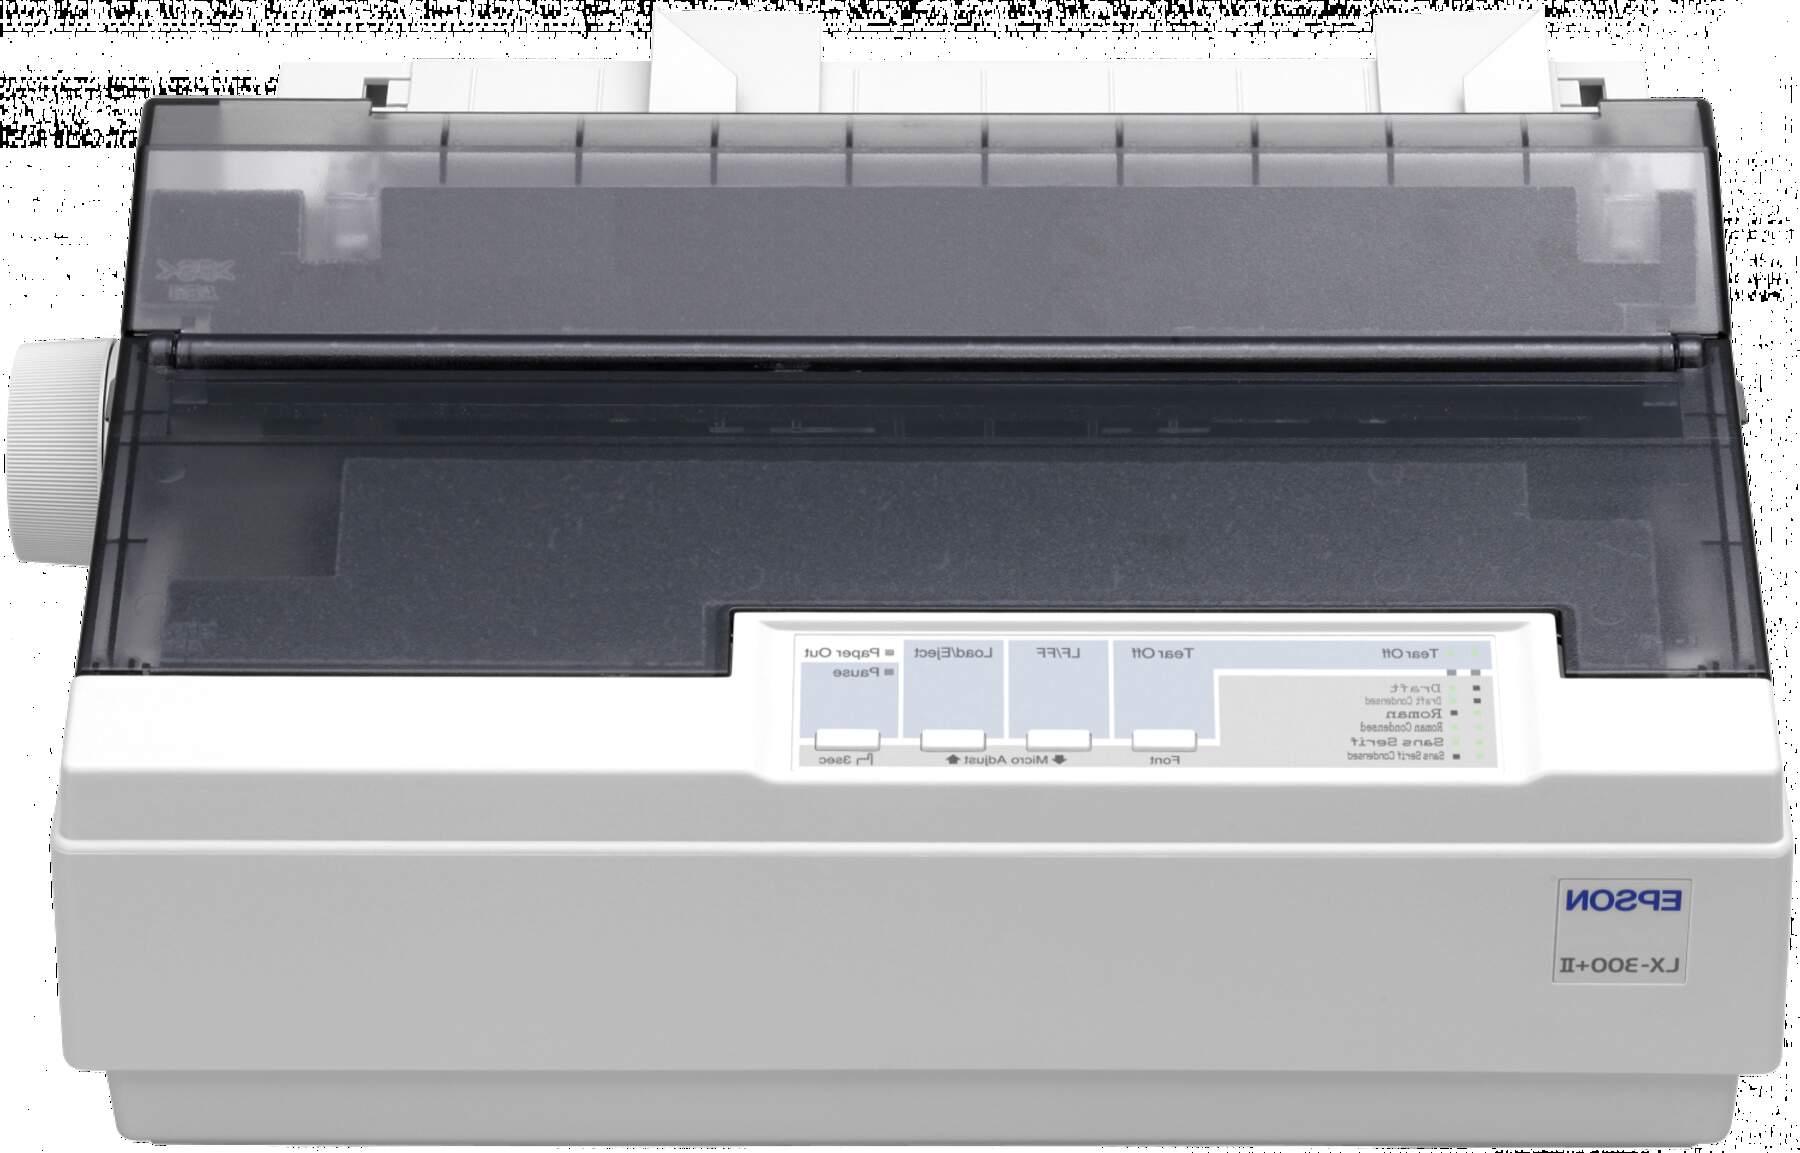 impresora epson lx 300 ii de segunda mano